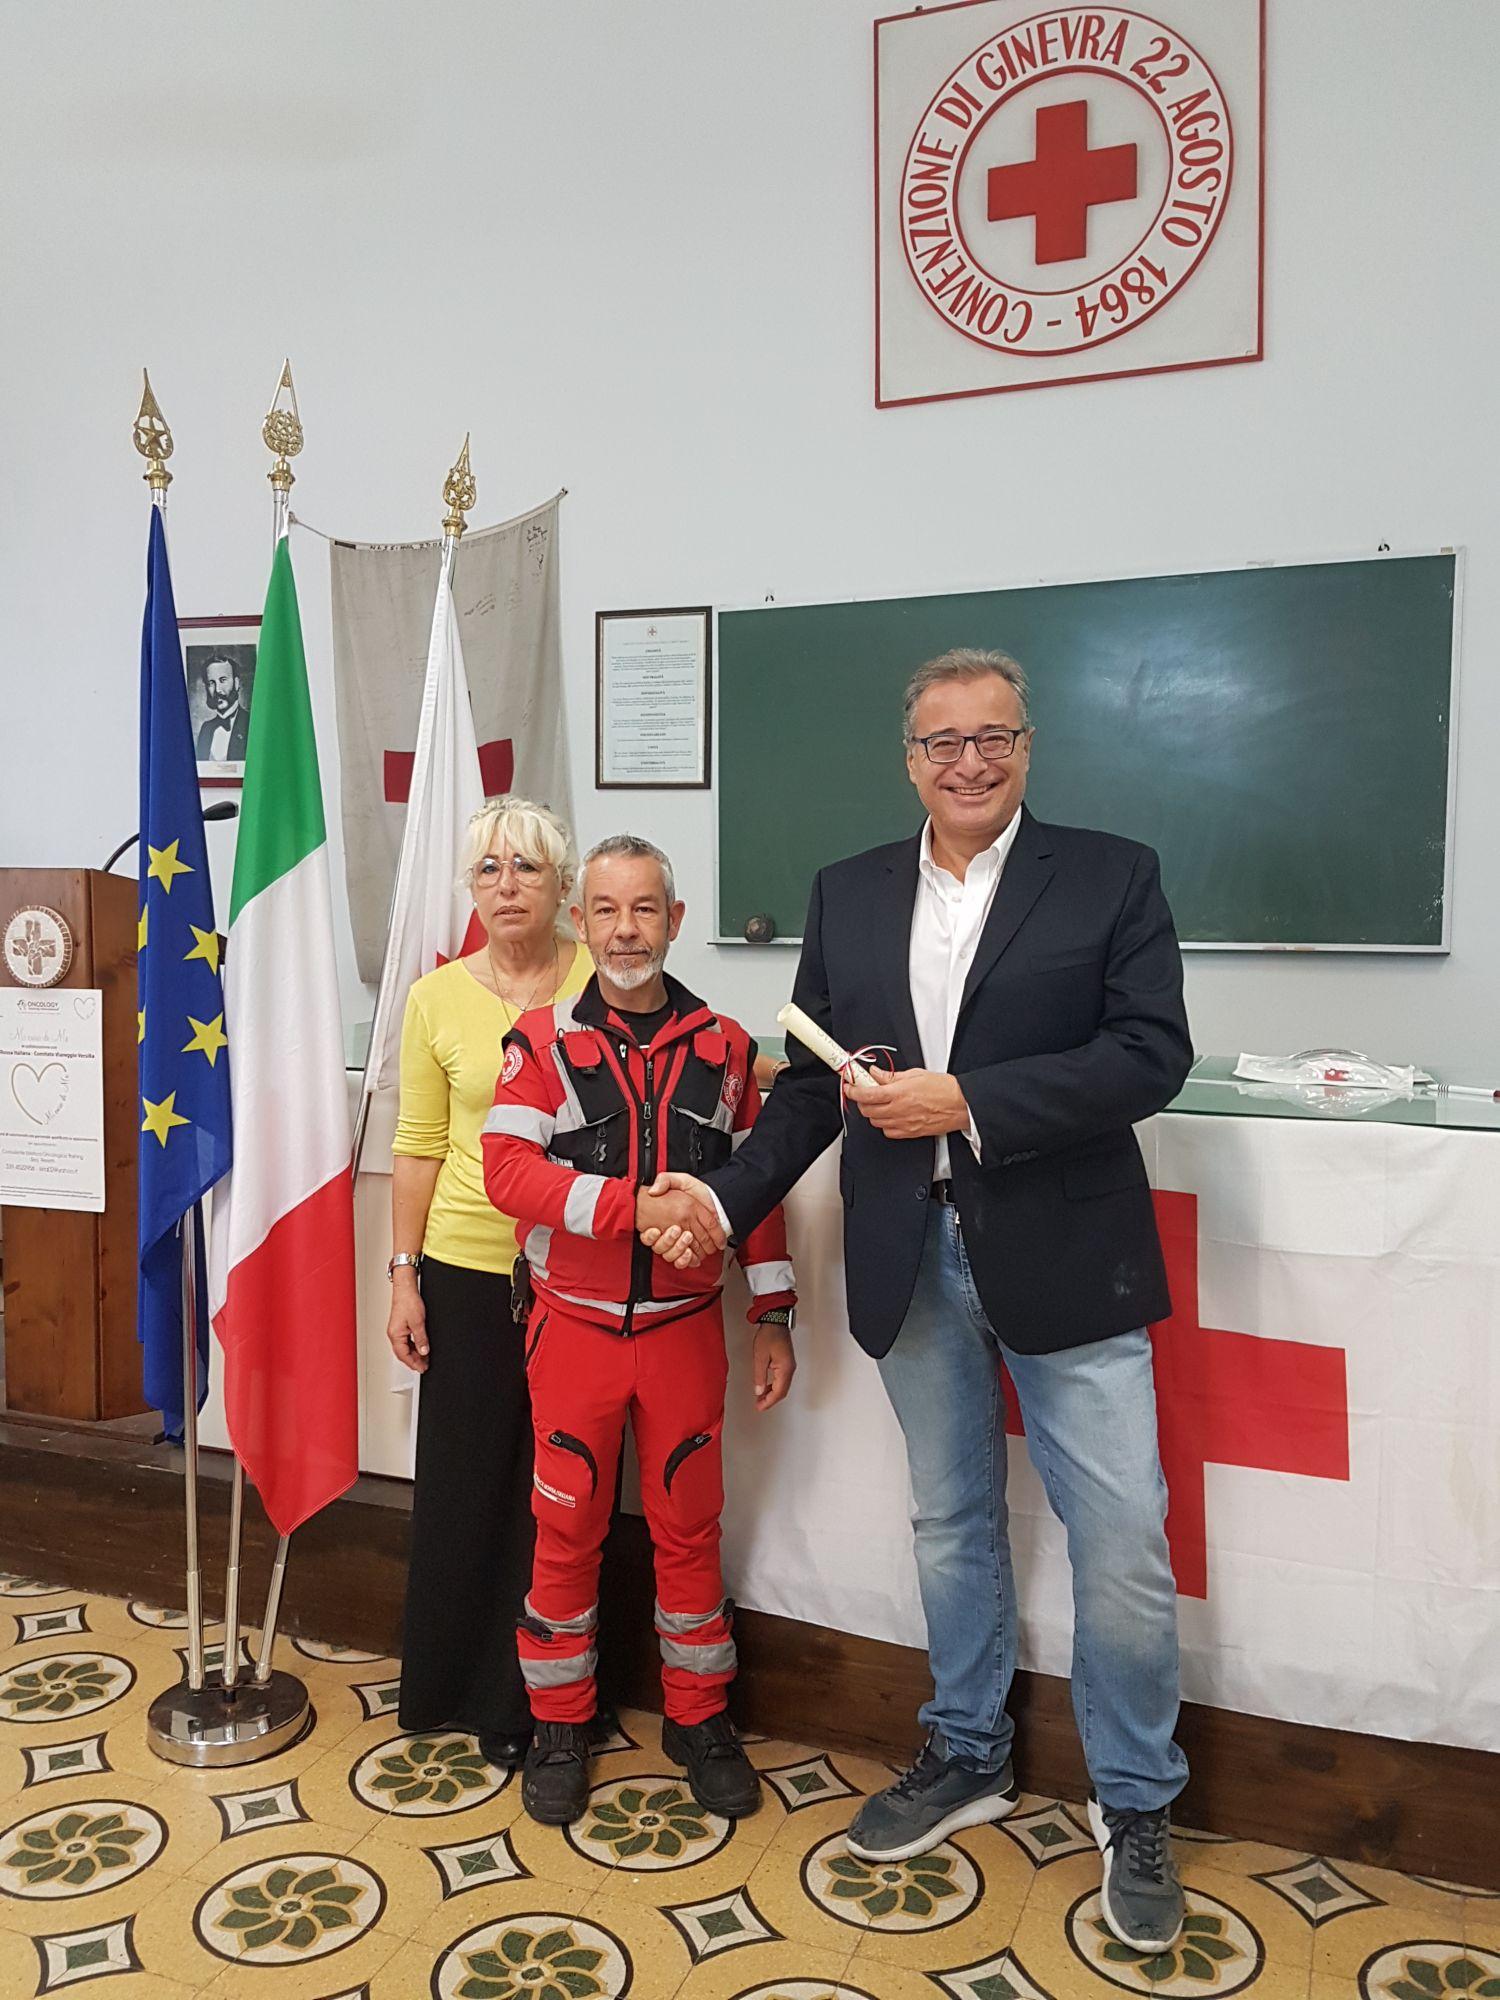 Salva un passante dall'infarto, Sirio Carmazzi premiato dal presidente della Croce Rossa